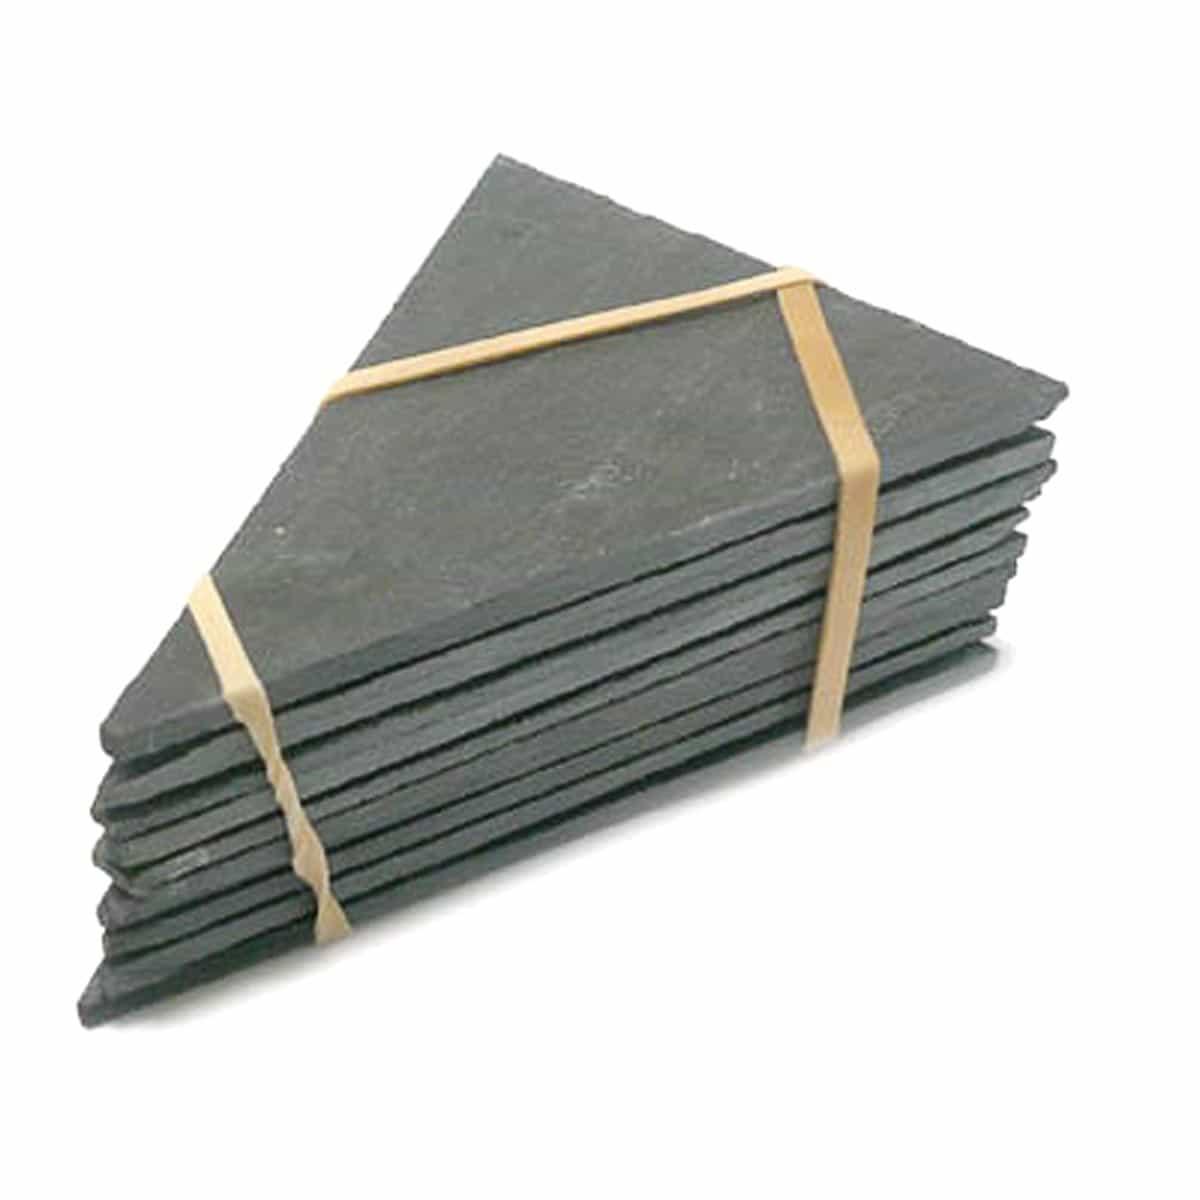 ardoise triangulaire piquer au sol 75x105mm x10 etiquette et support ardoise. Black Bedroom Furniture Sets. Home Design Ideas